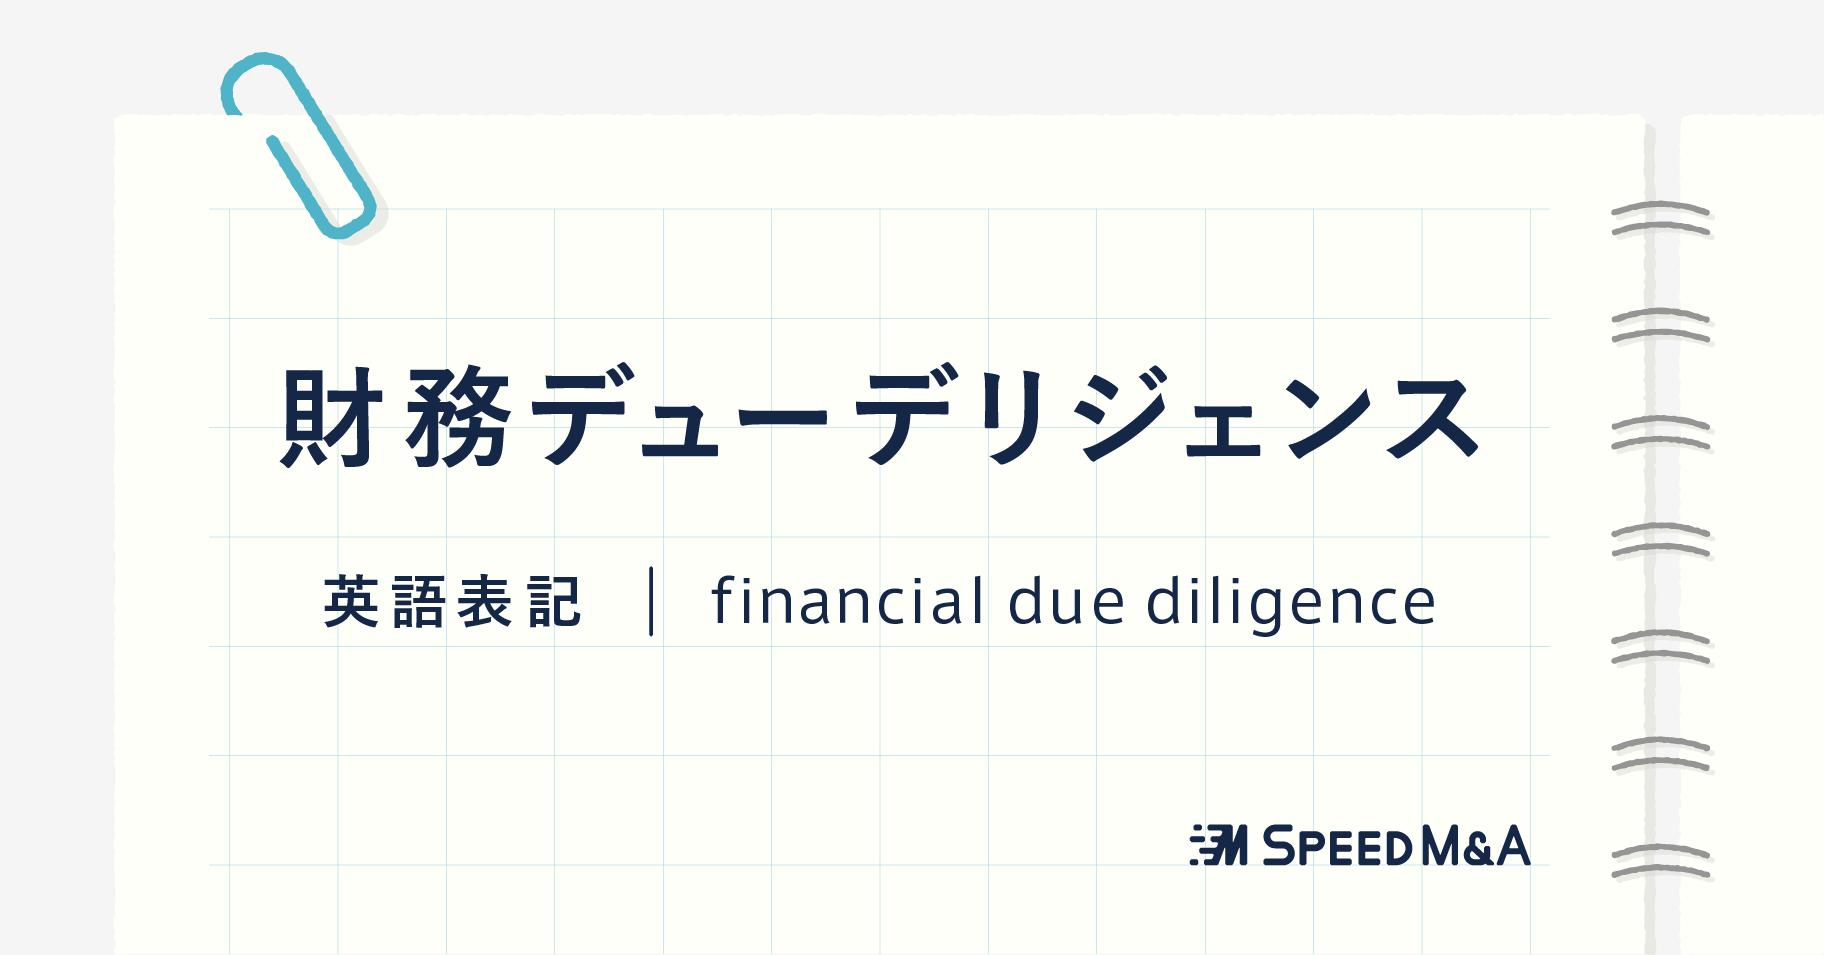 財務デューデリジェンスとは